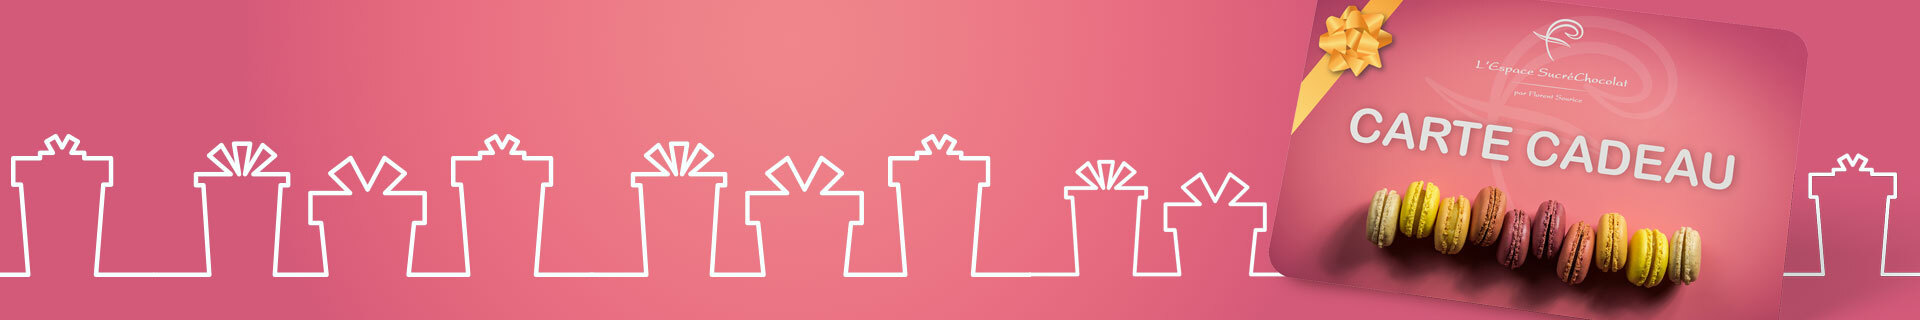 espace-sucre-chocolat-bandeau-carte-cadeaux